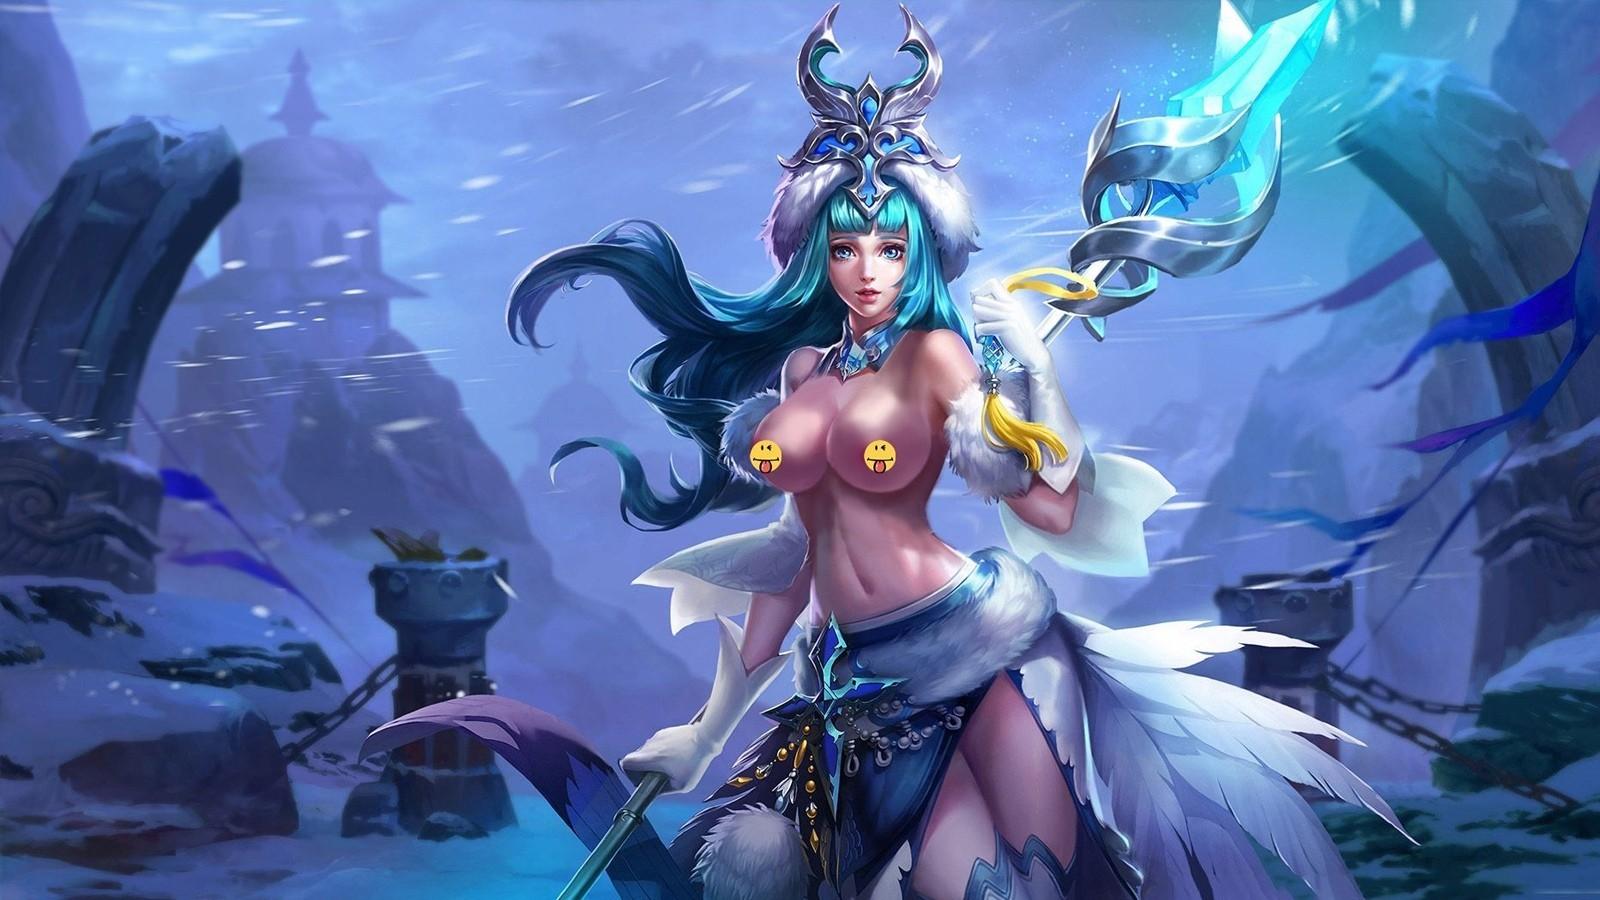 王者荣耀女英雄正能量2000张 王者荣耀女性英雄正能量图片2000张2